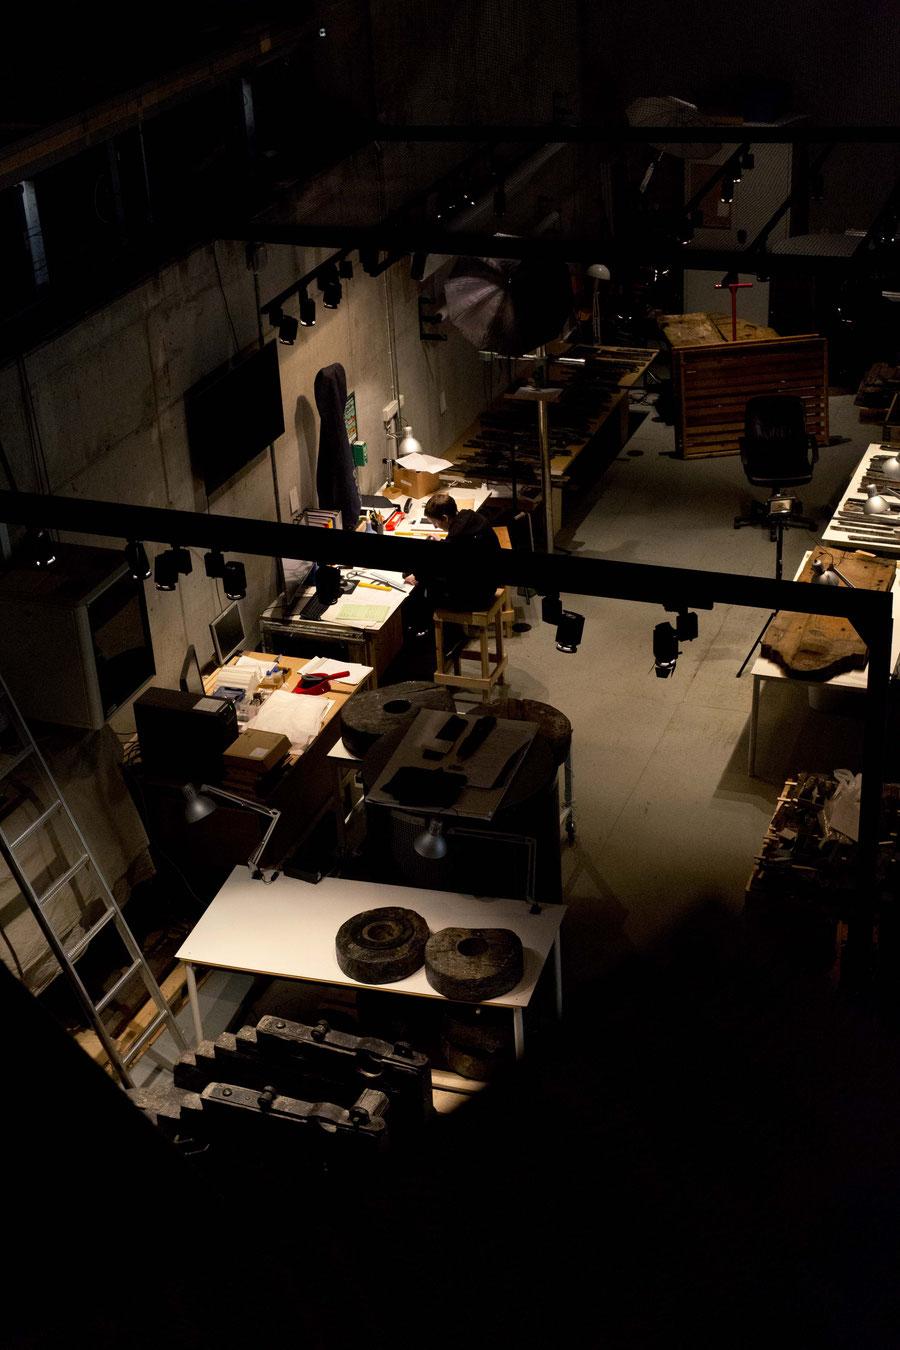 Restauratoren und Archäologen bei der Arbeit, Vasamuseum, Stockholm, Schweden